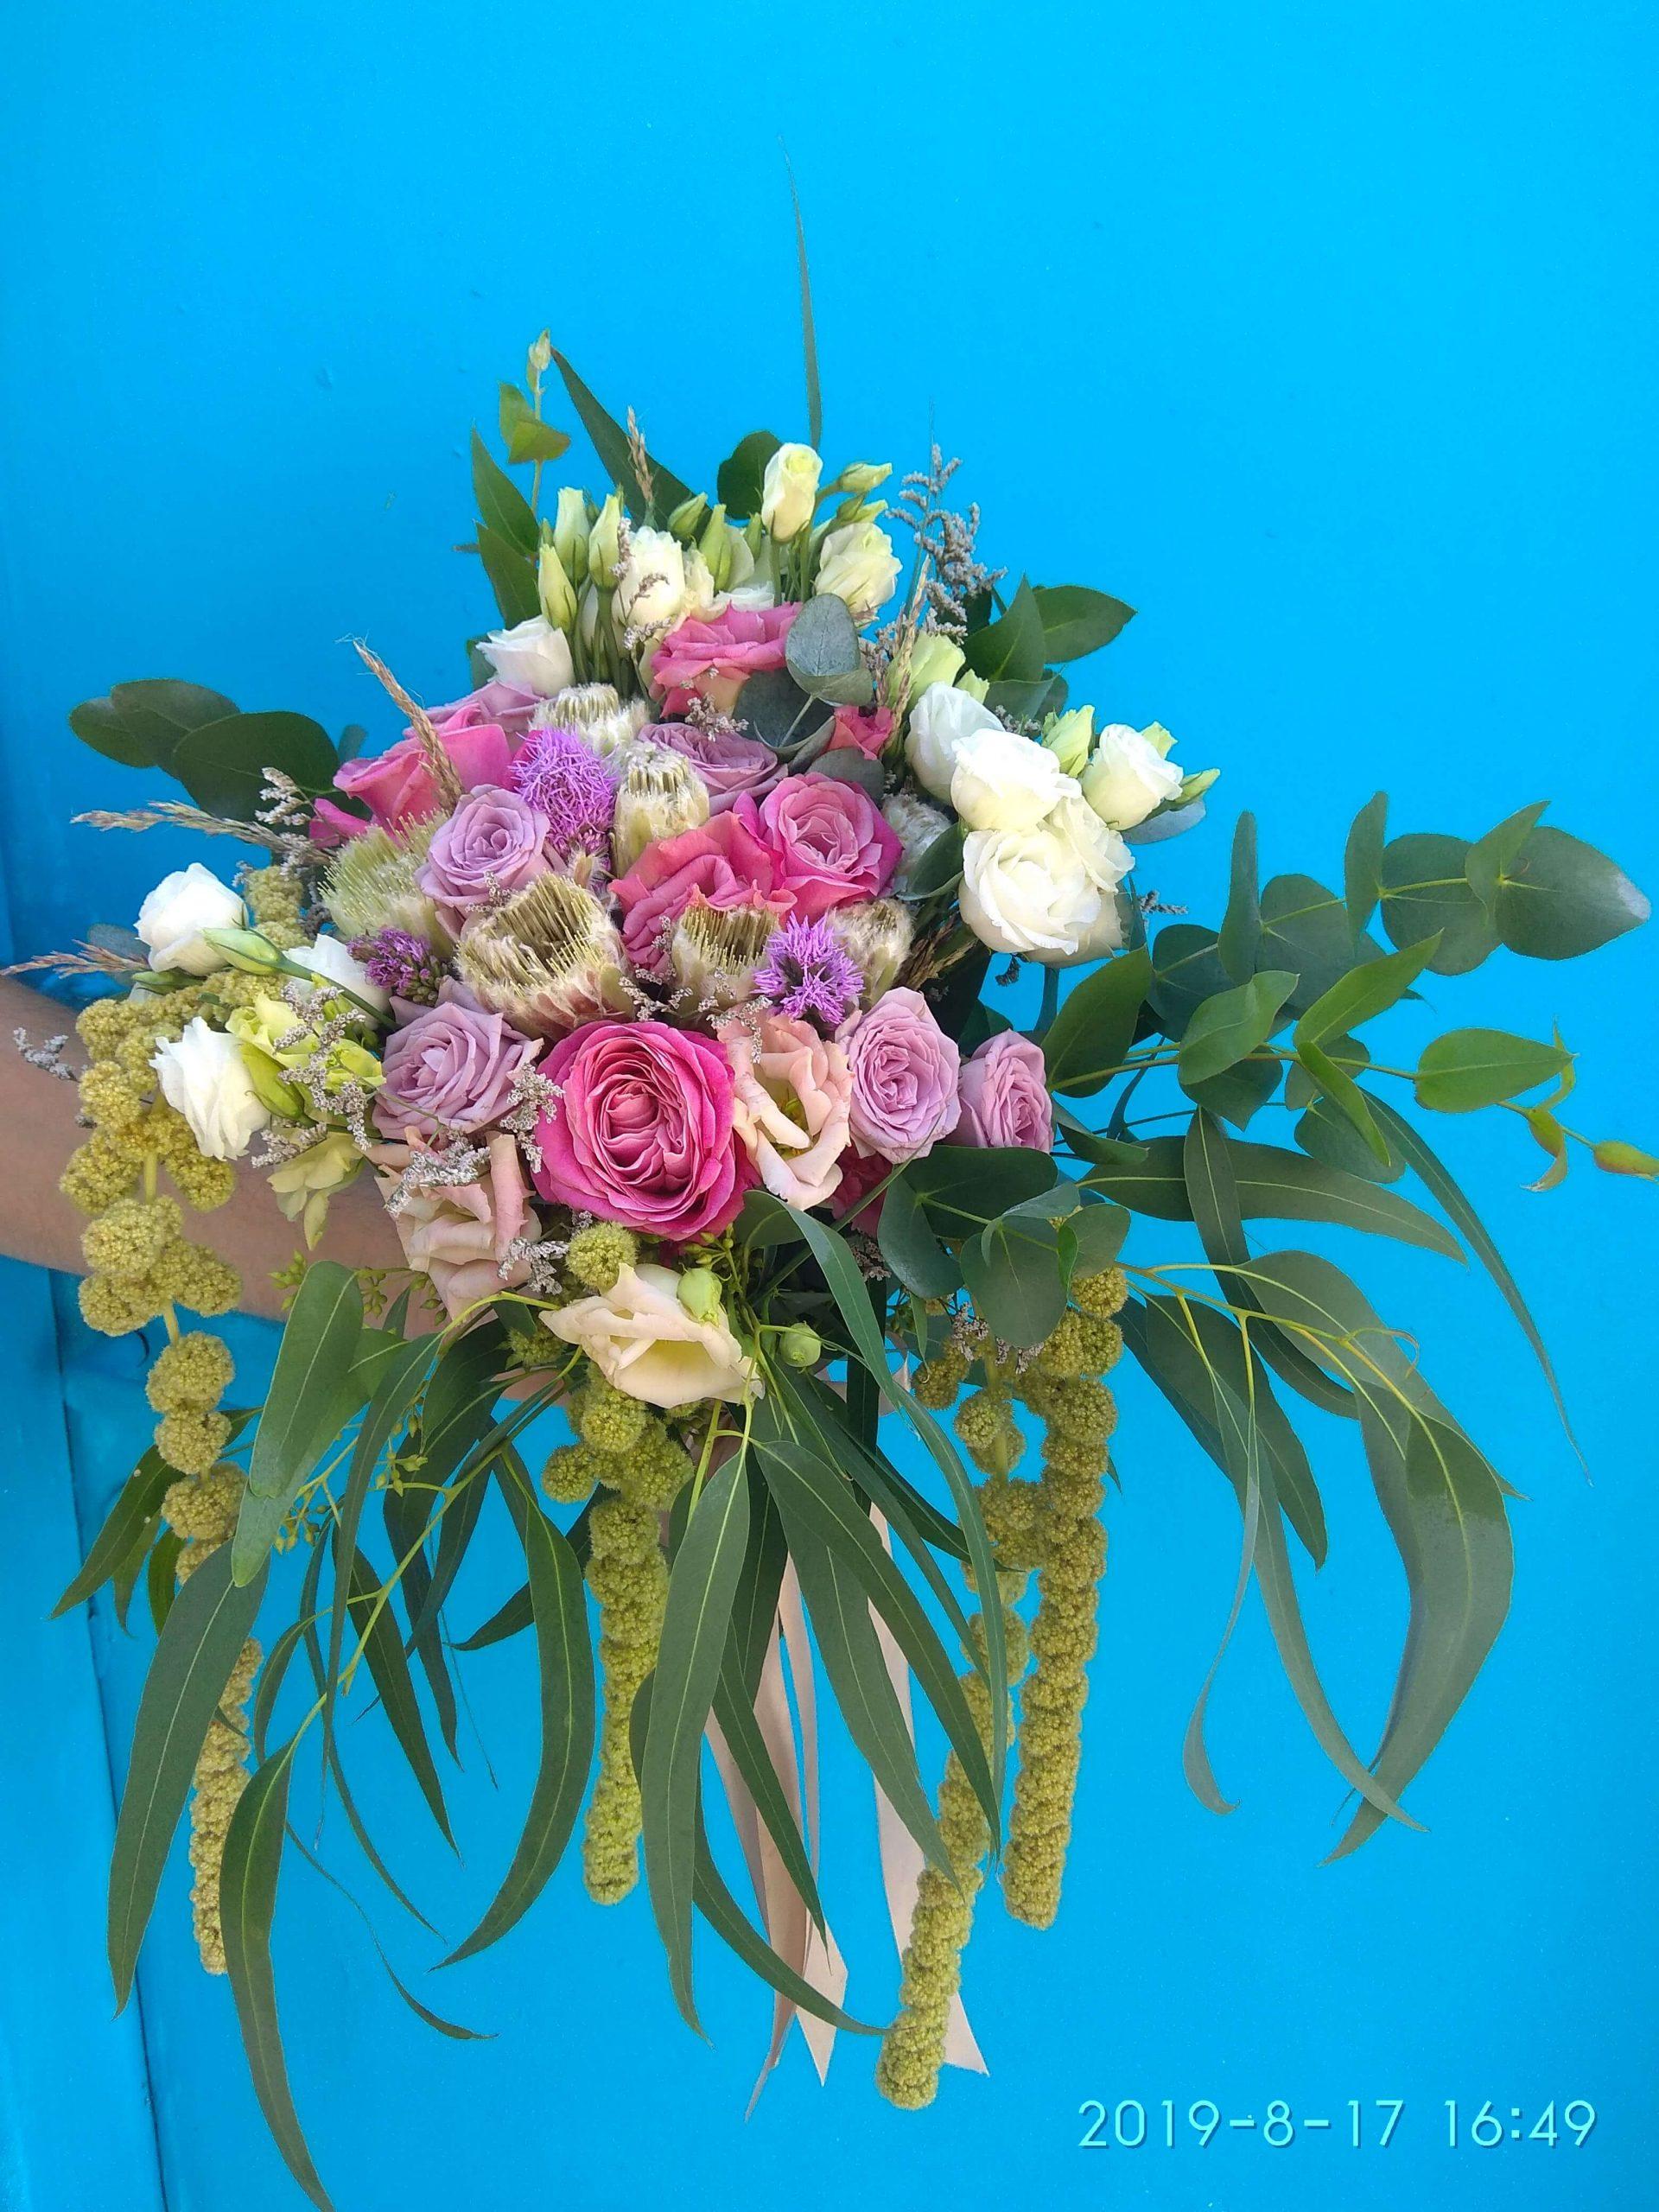 νυφική ανθοδέσμη κρεμαστή με αμάρανθους τριαντάφυλλα και πρωτέες